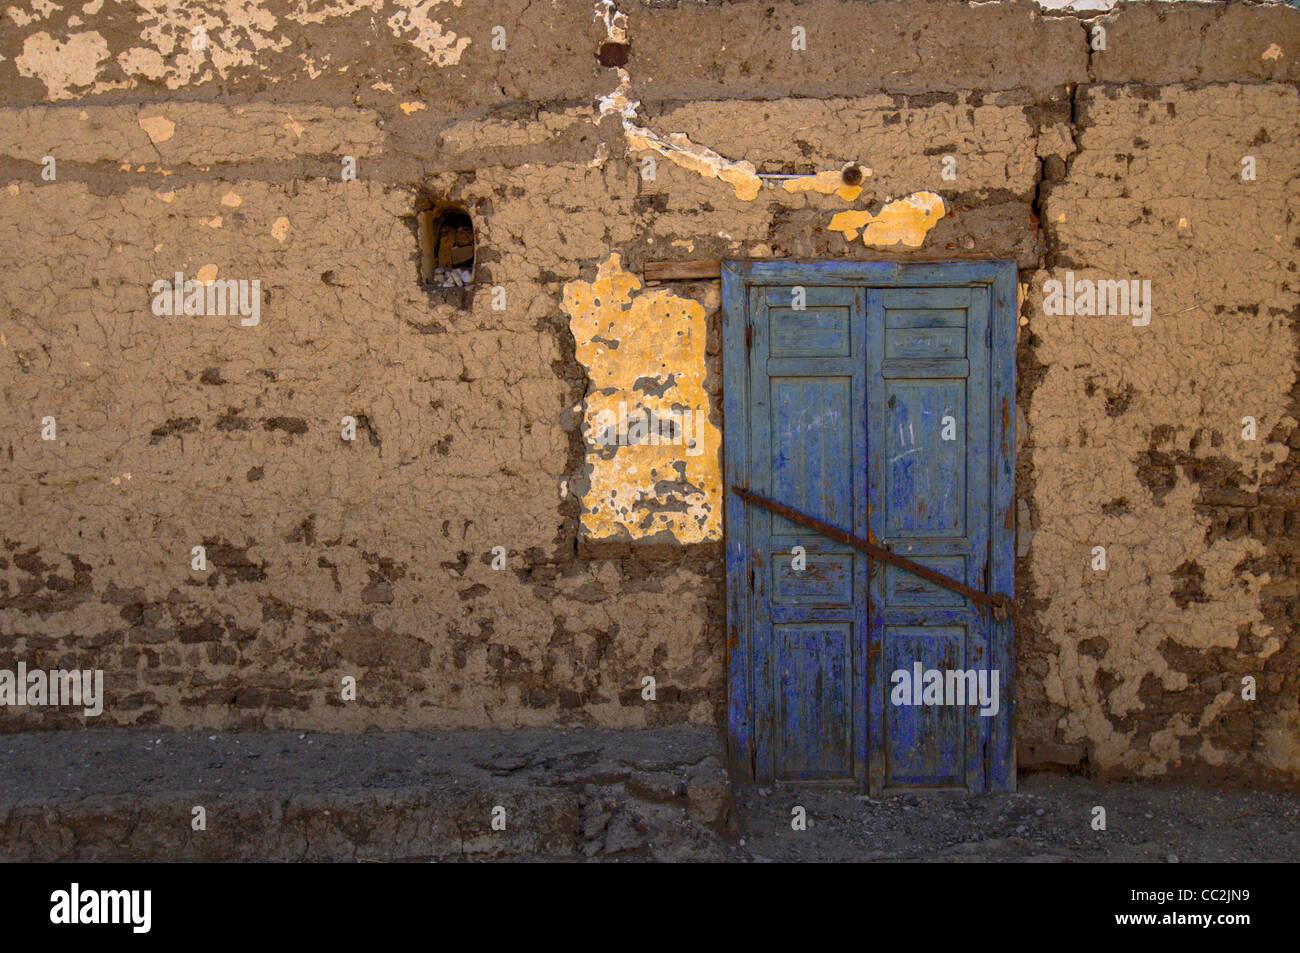 Eine blaue Tür in der Stadt Luxor, Ägypten. Stockbild